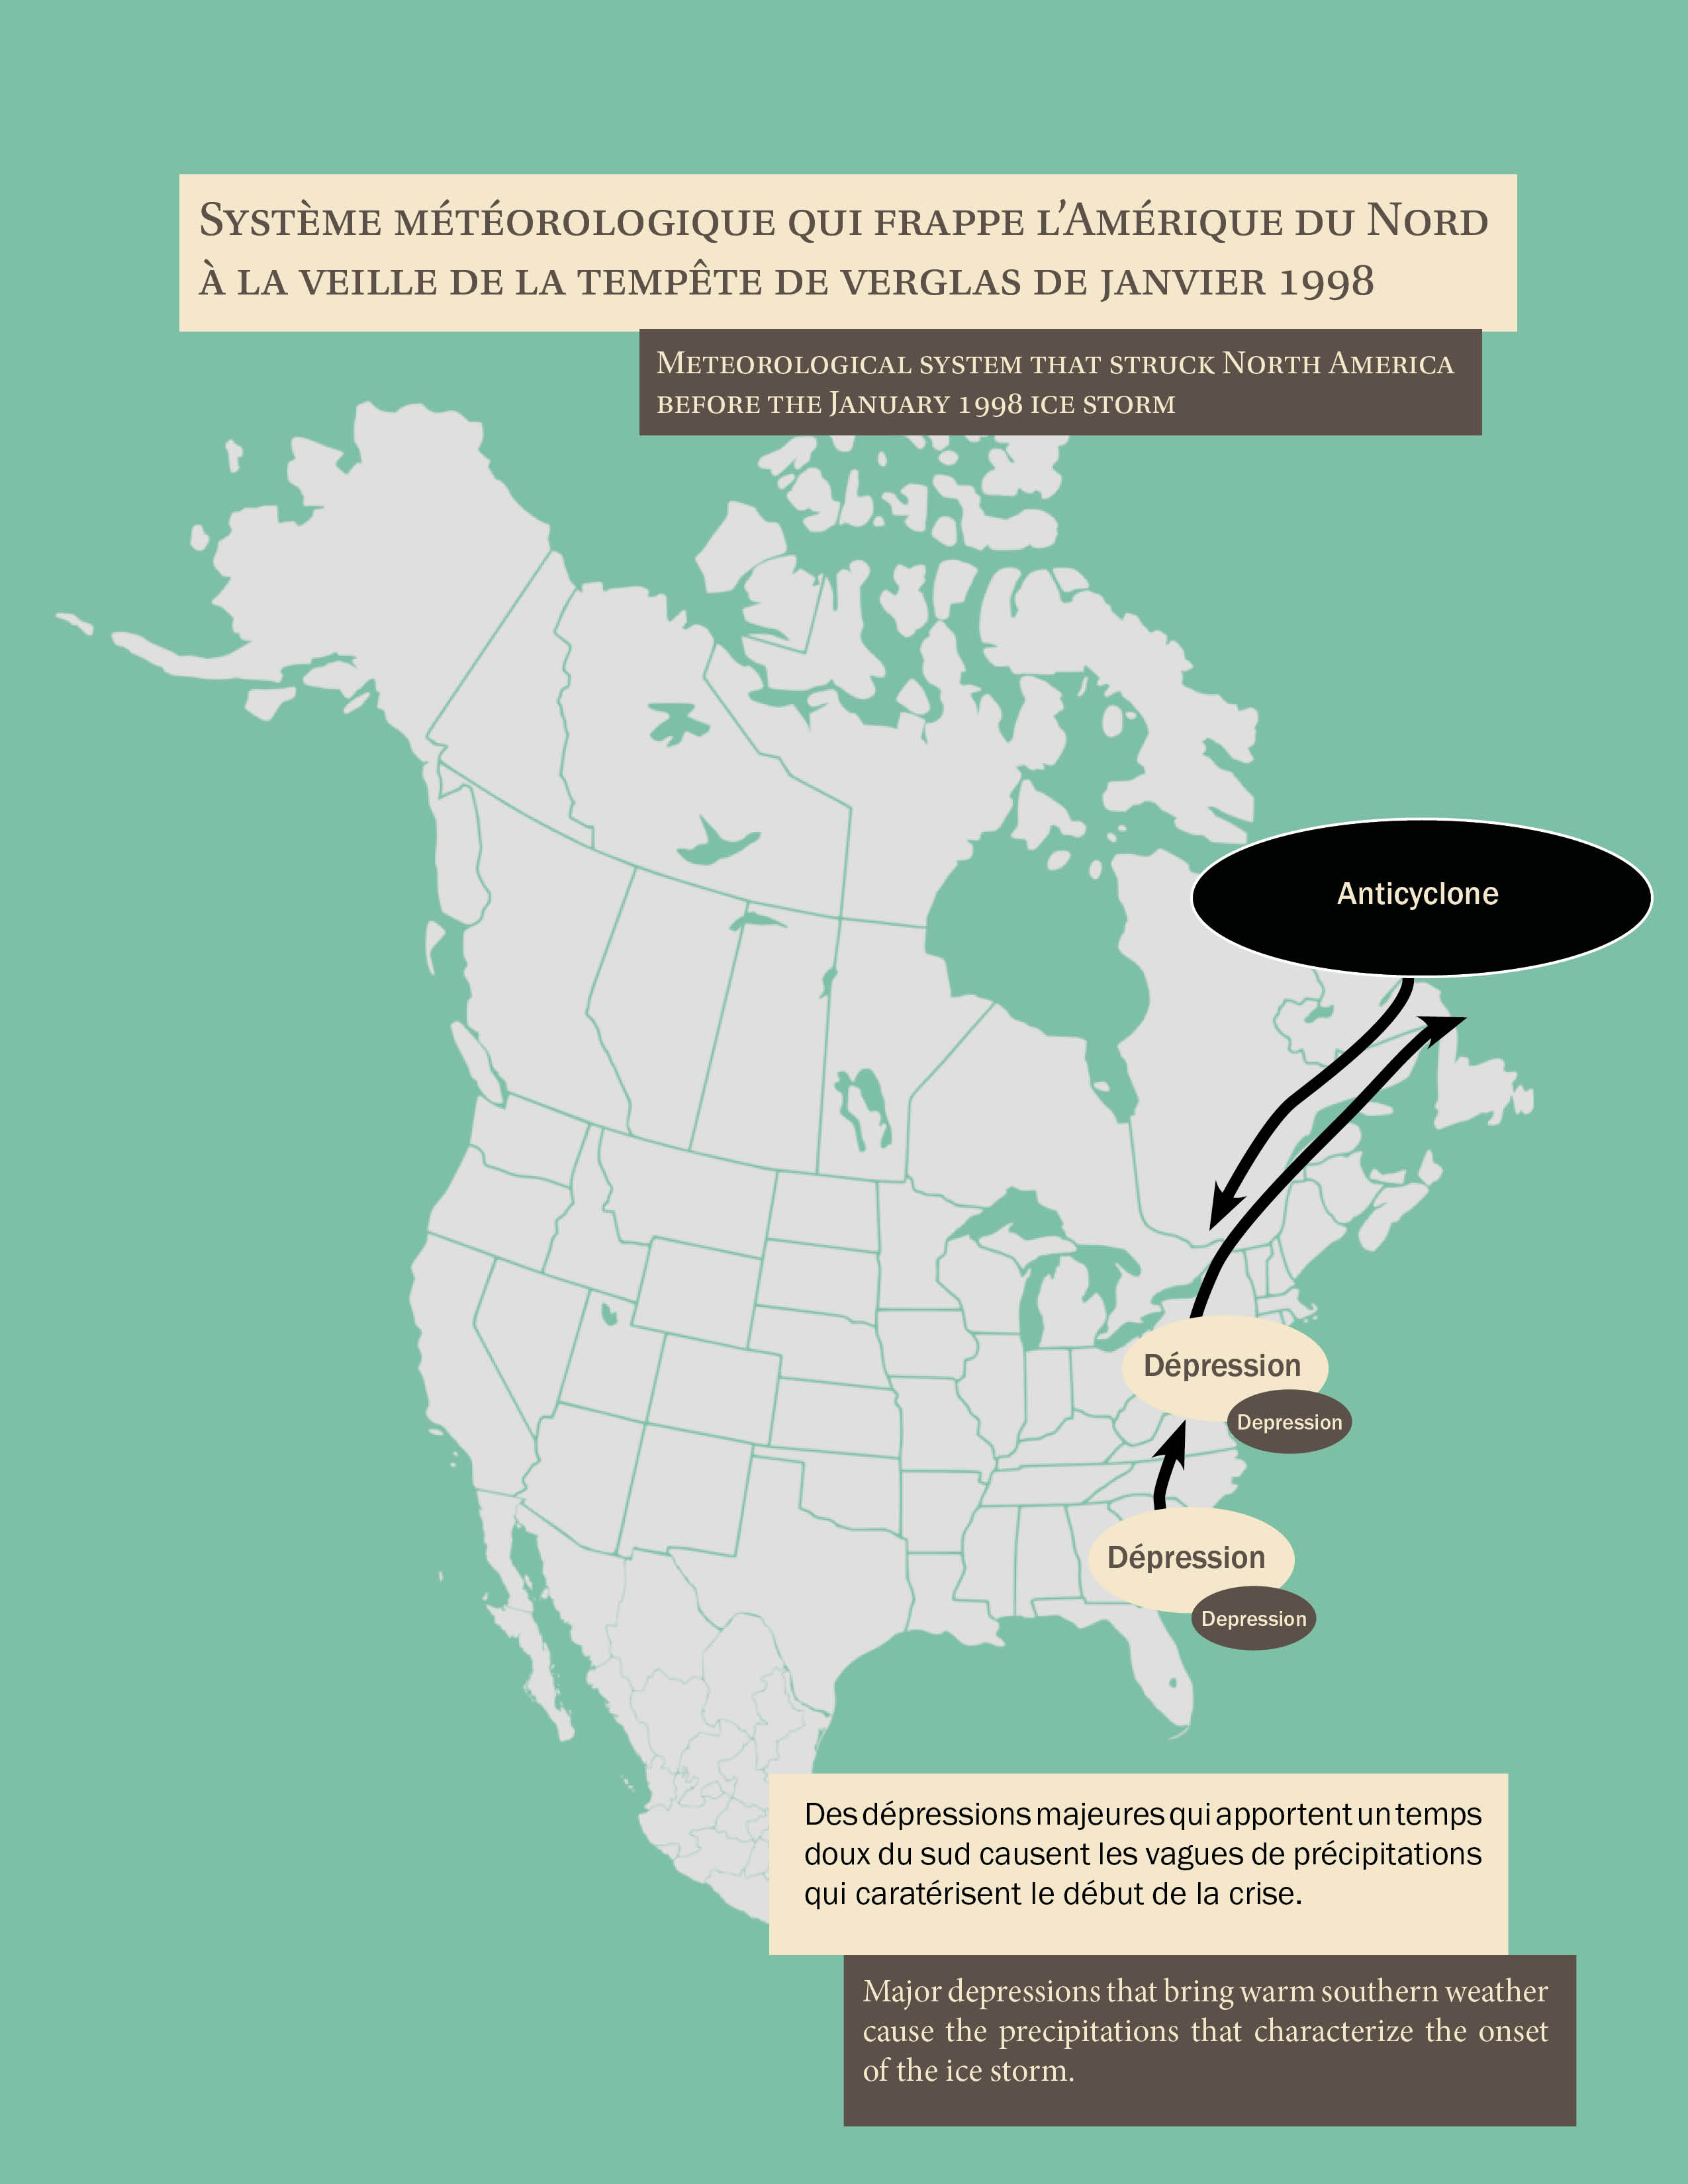 Carte qui montre le système météorologique qui frappe l'Amérique du Nord et qui cause la crise de verglas